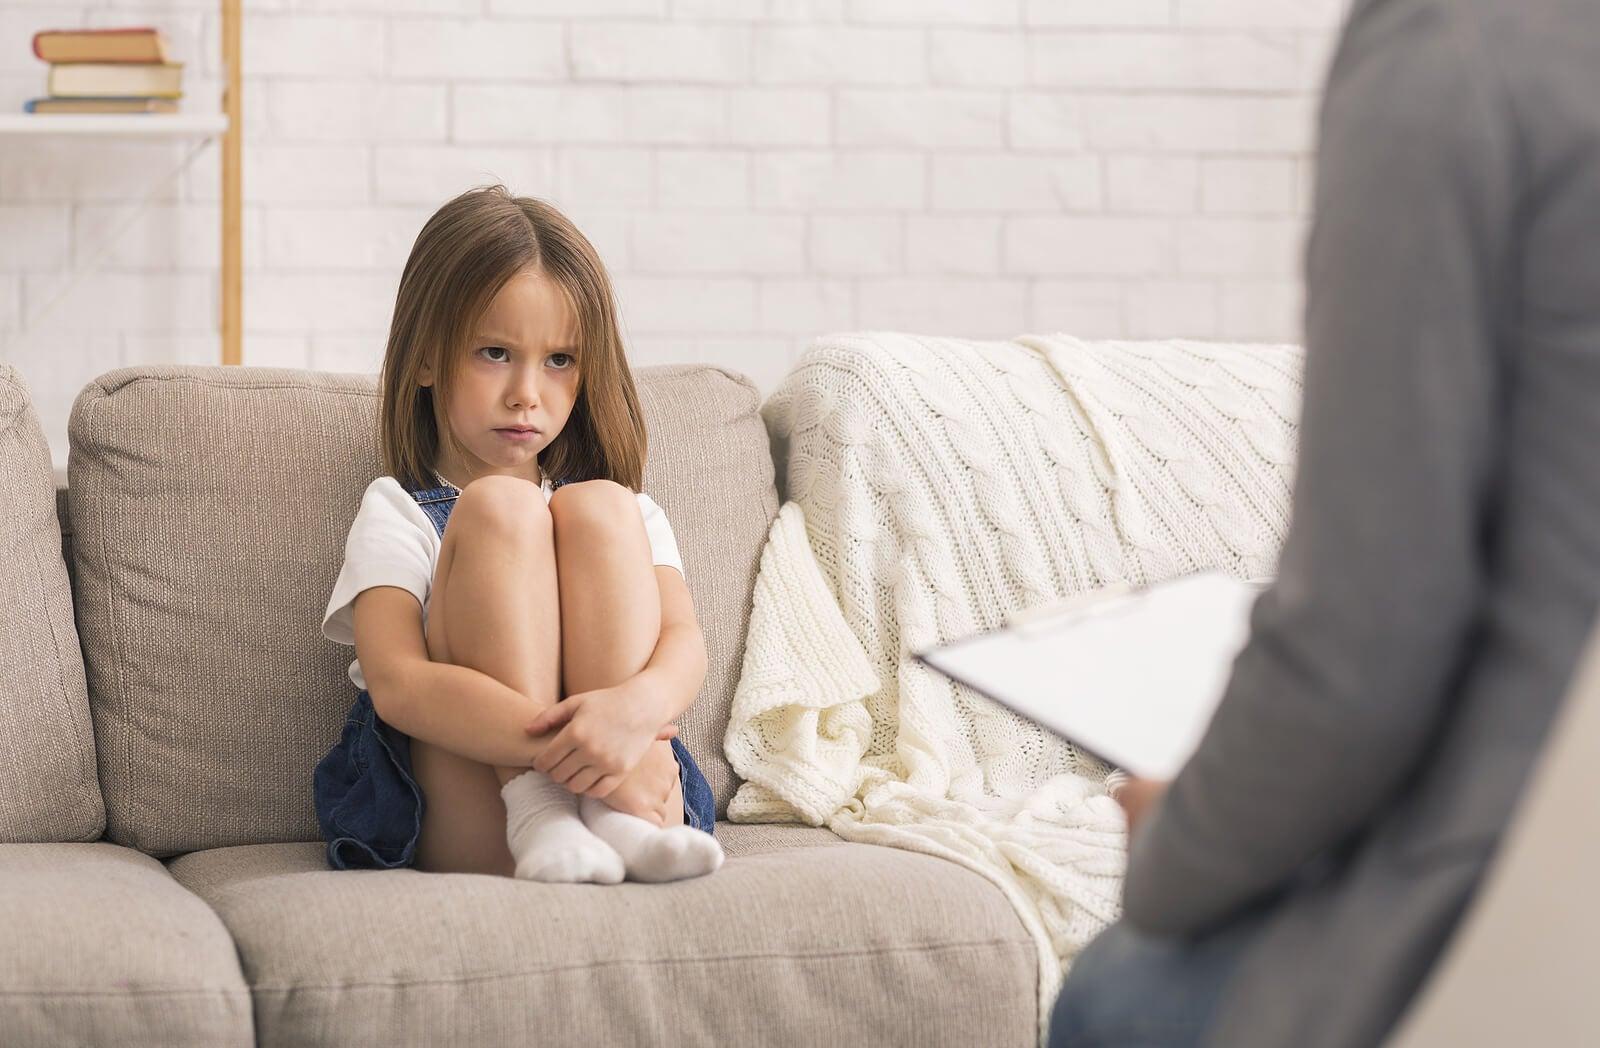 Niña enfadad sentada en el sofá porque su madre la ha regañado.